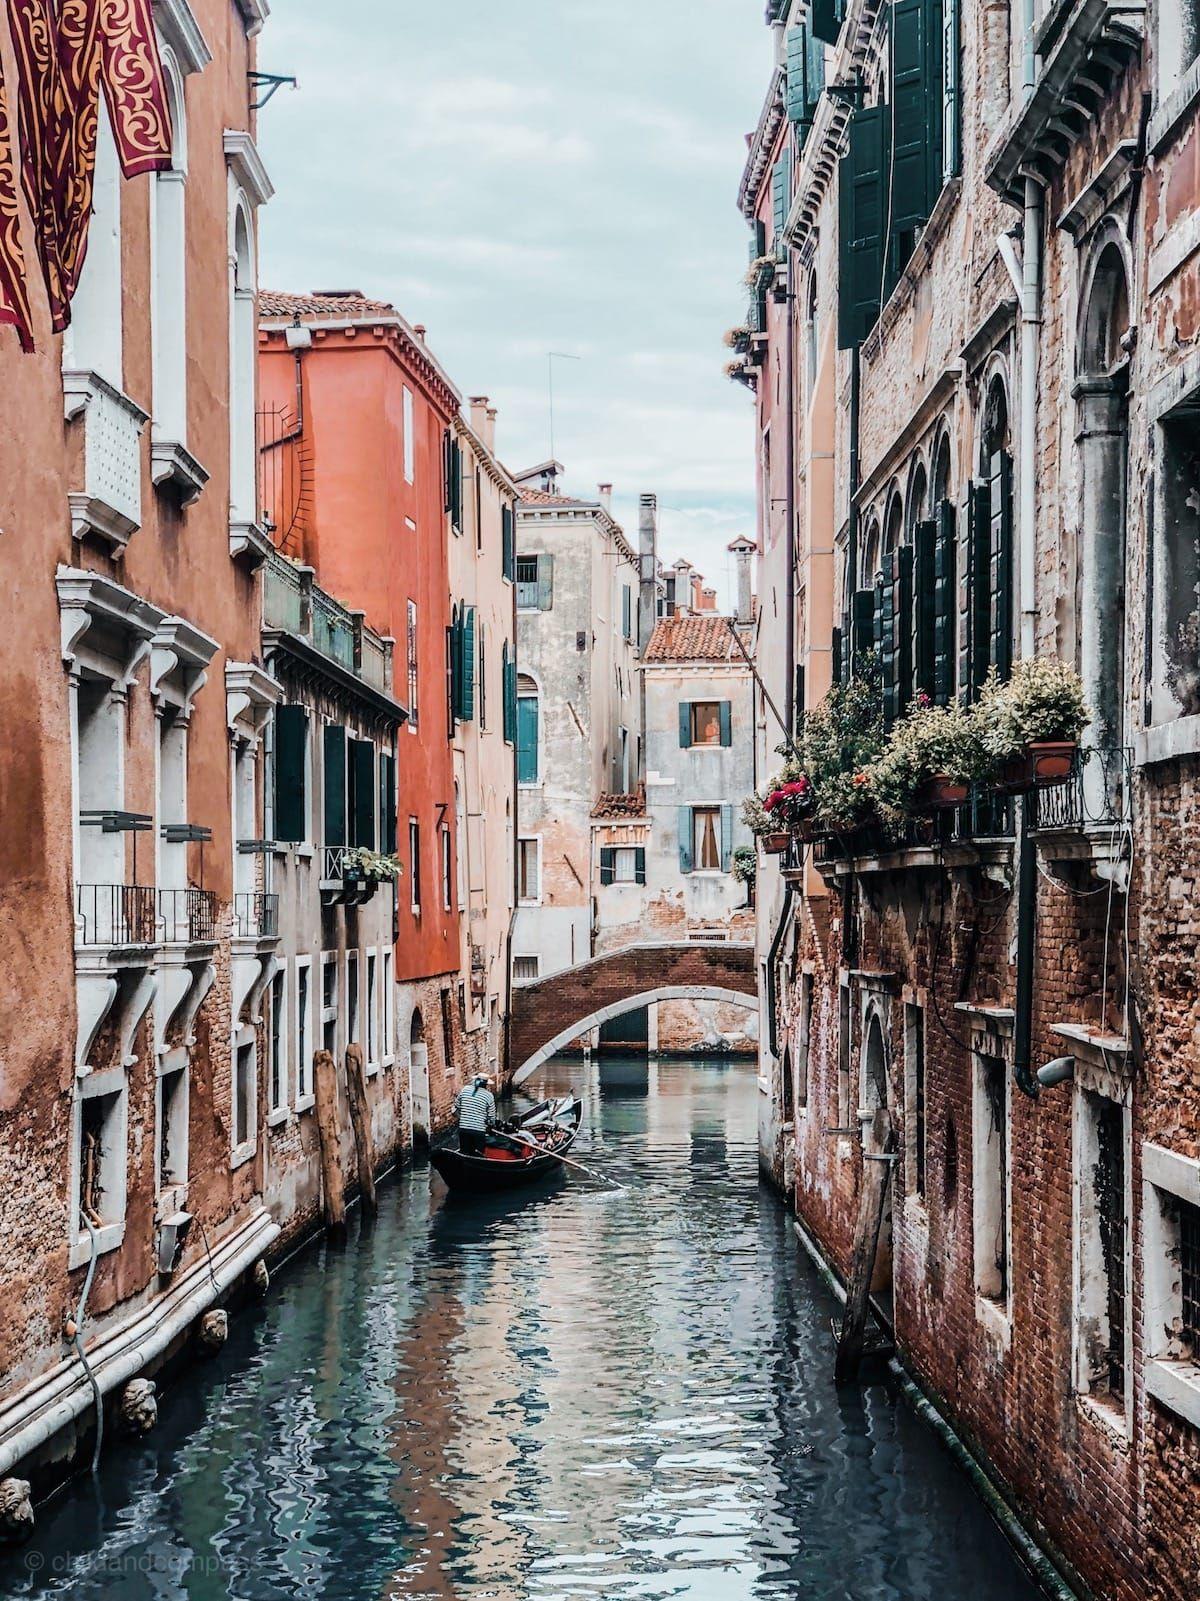 Die schönsten Brücken in Venedig ⋆ Child & Compass #aroundtheworldtrips